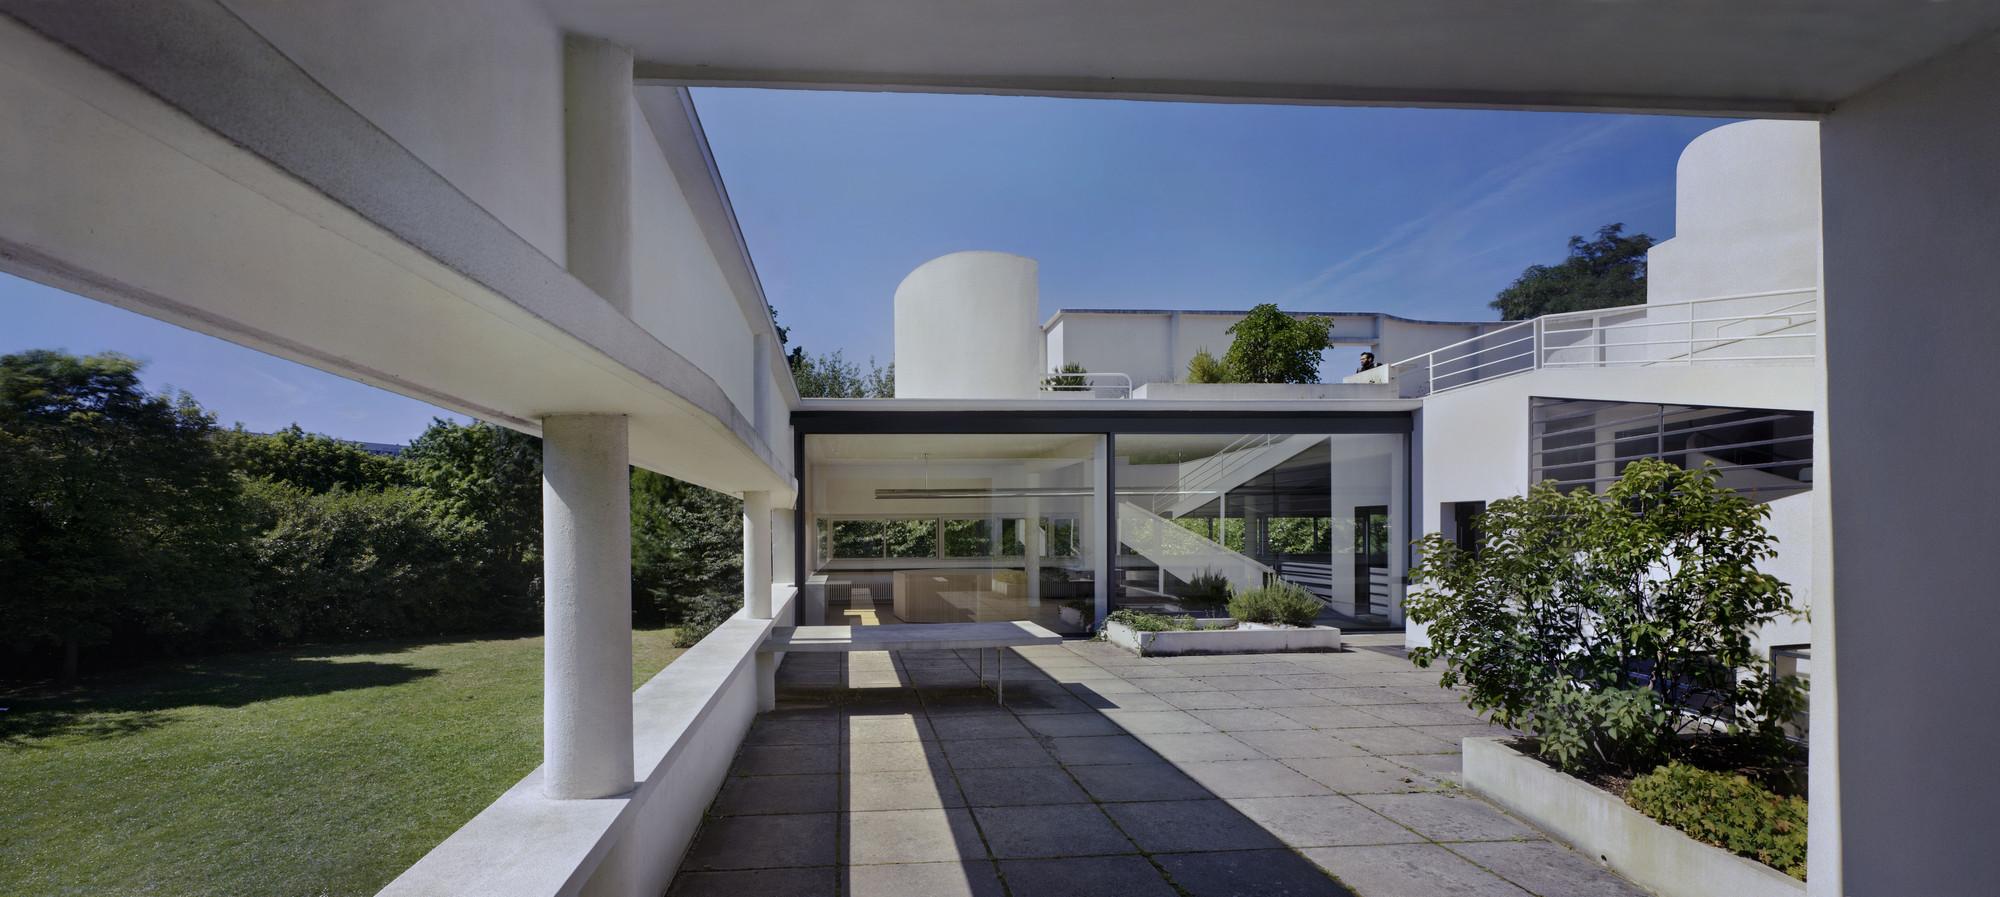 Richard Pare, Le Corbusier (Charles-Édouard Jeanneret). Villa Savoye ...